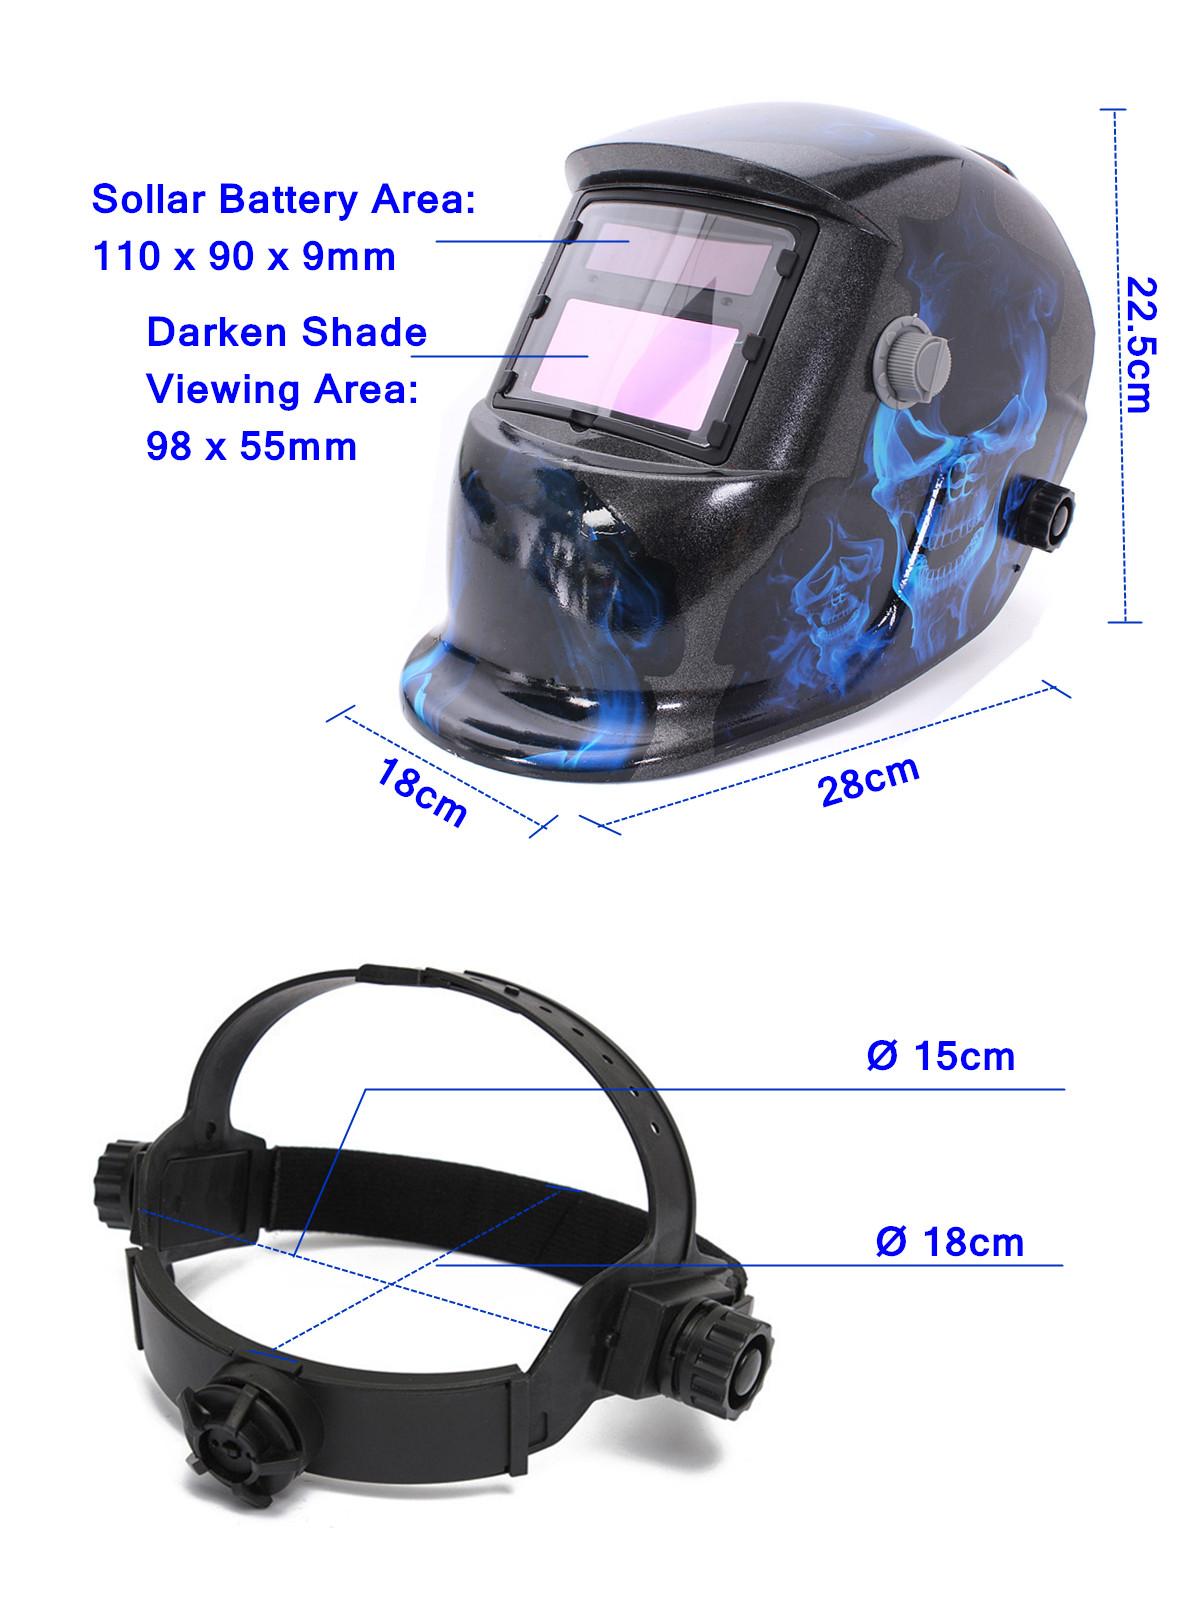 Blue Skull Solar Auto Darkening Welding Helmet Arc Tig Mig Grinding Welder Mask